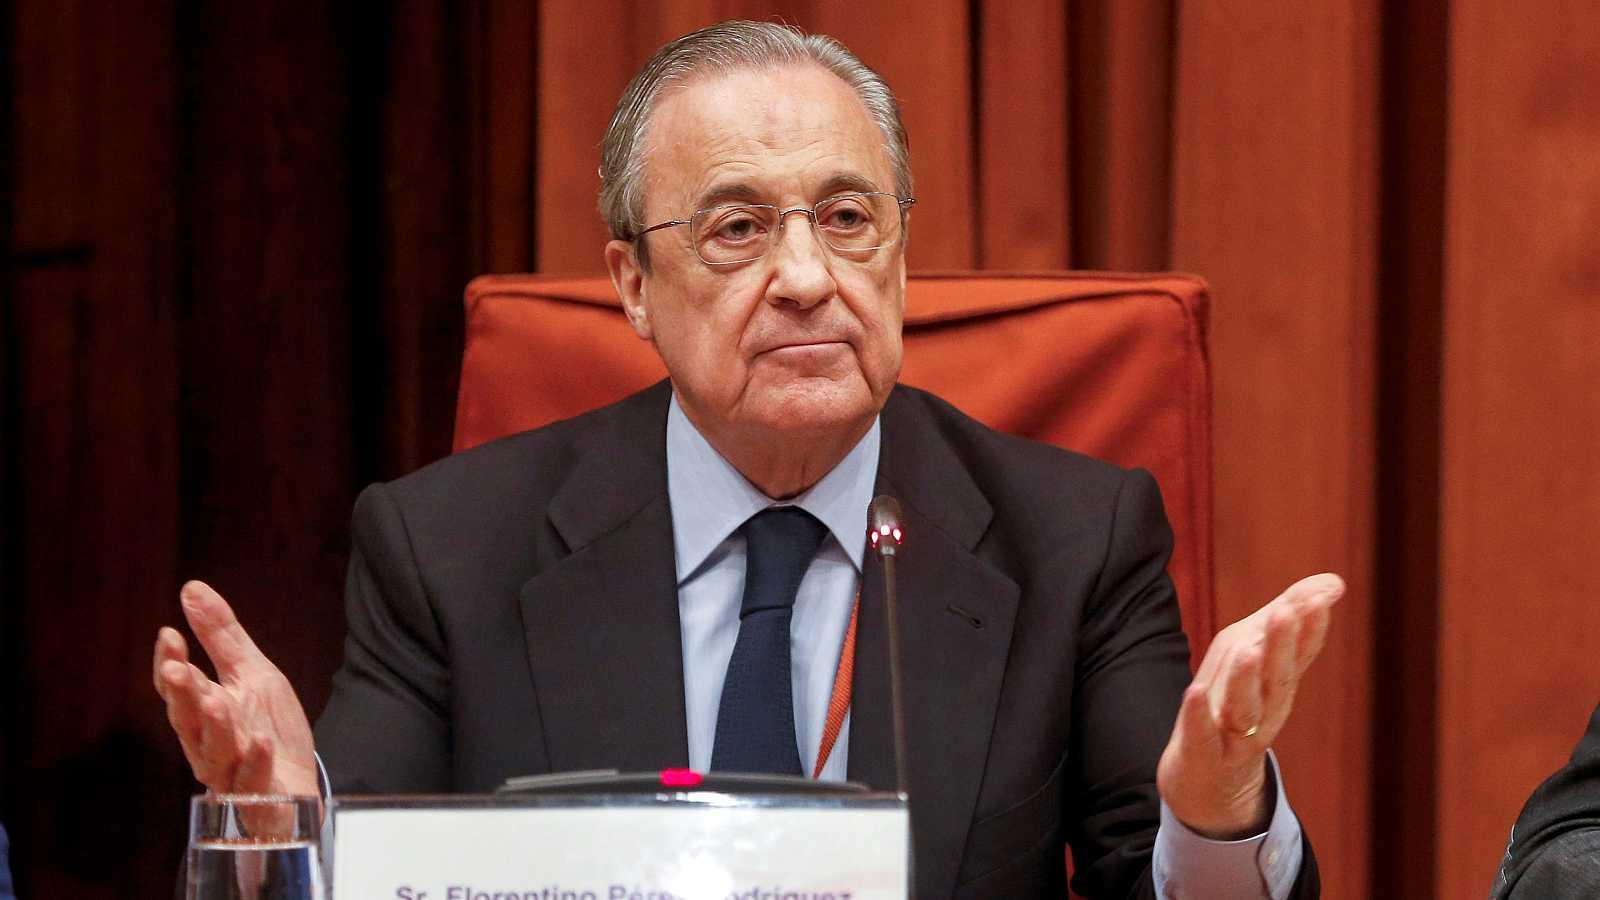 Las mañanas de RNE con Íñigo Alfonso - 12 clubes ricos del fútbol europeo plantean crear una Superliga alternativa a la Champions - Escuchar ahora